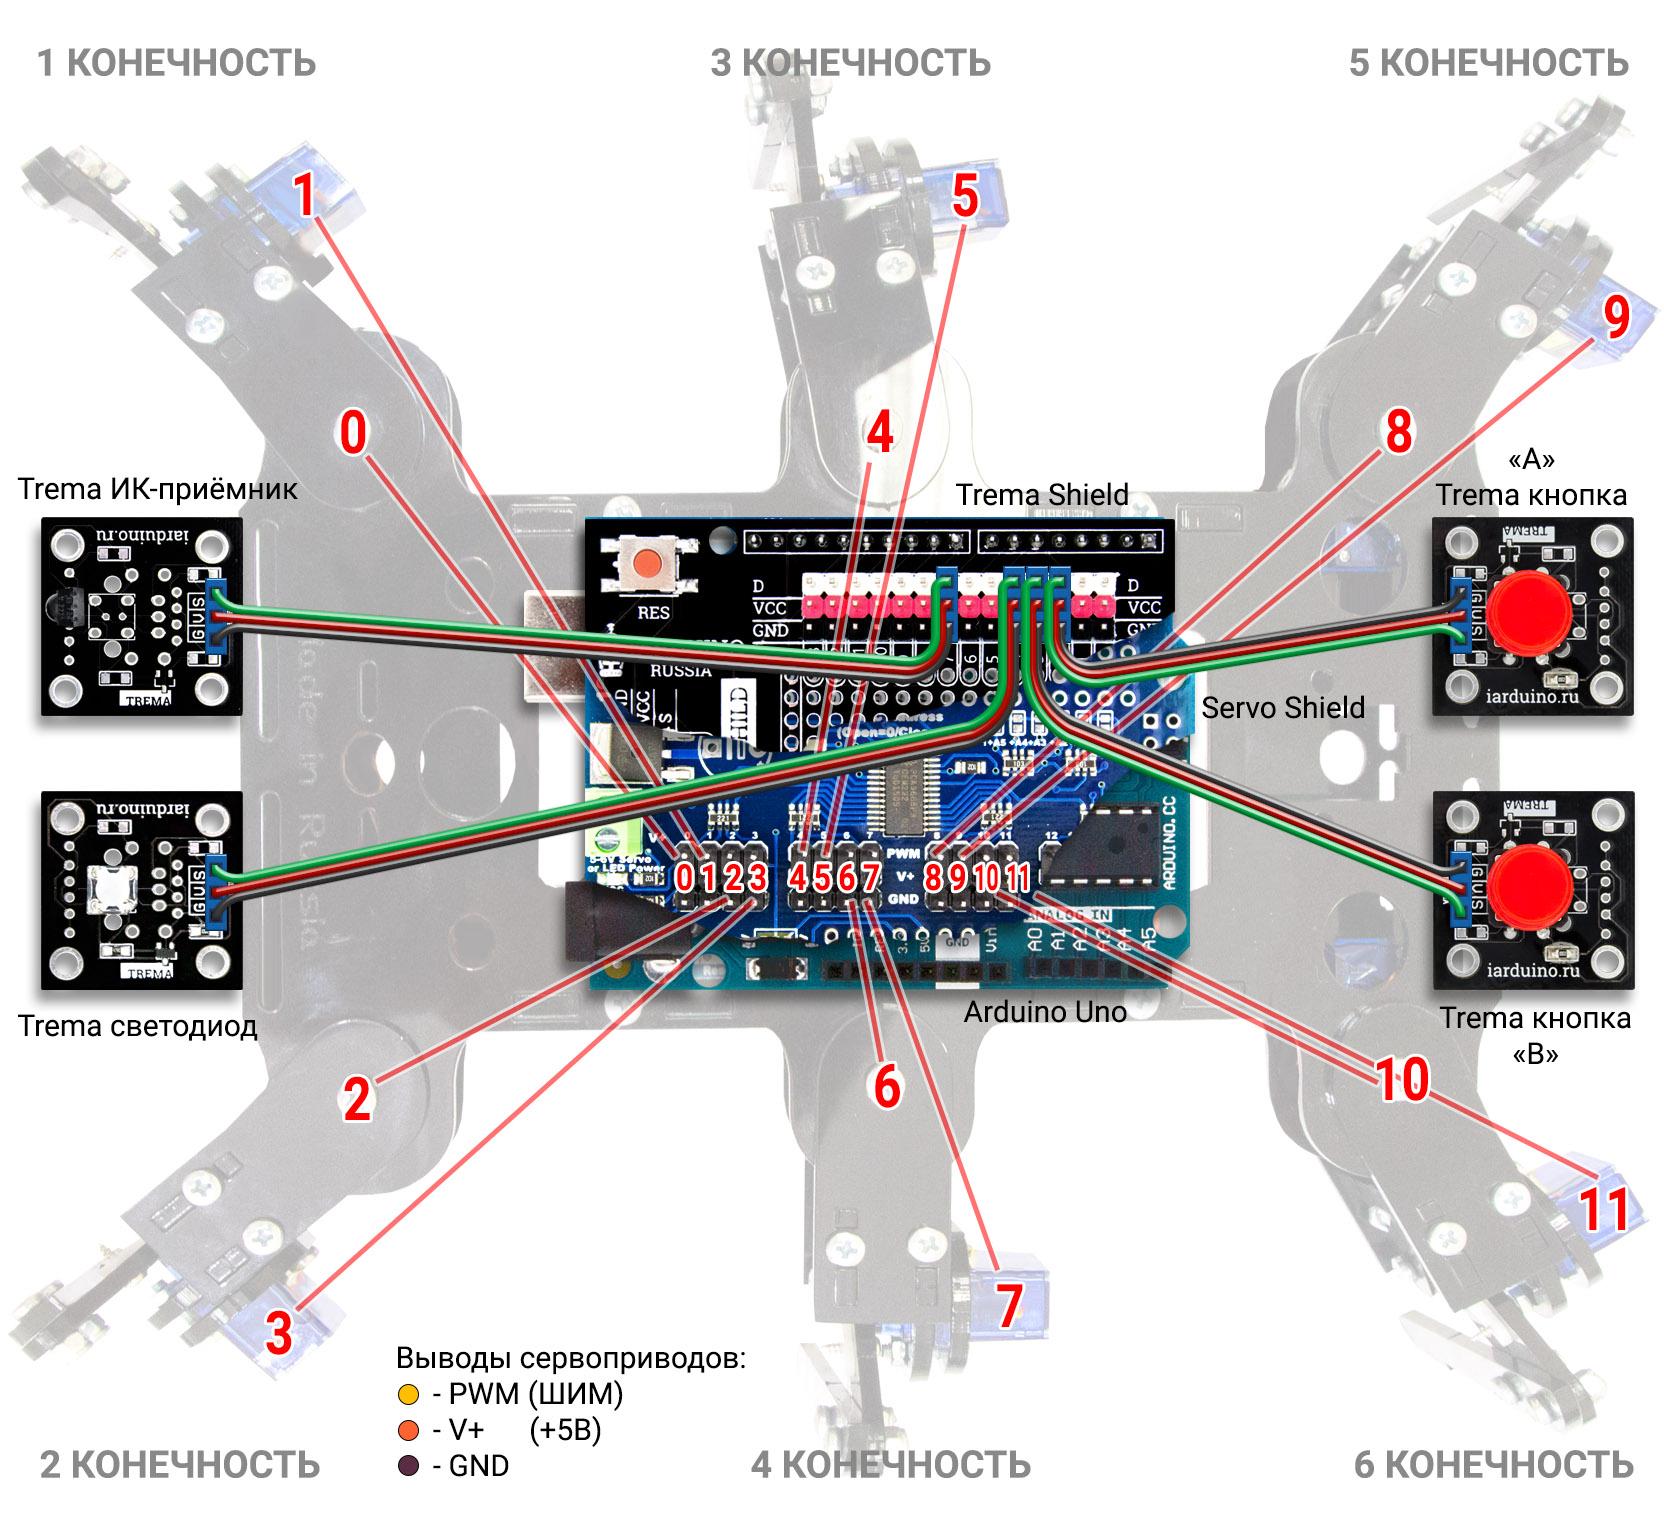 Схема паука на Arduino Uno - Hexapod